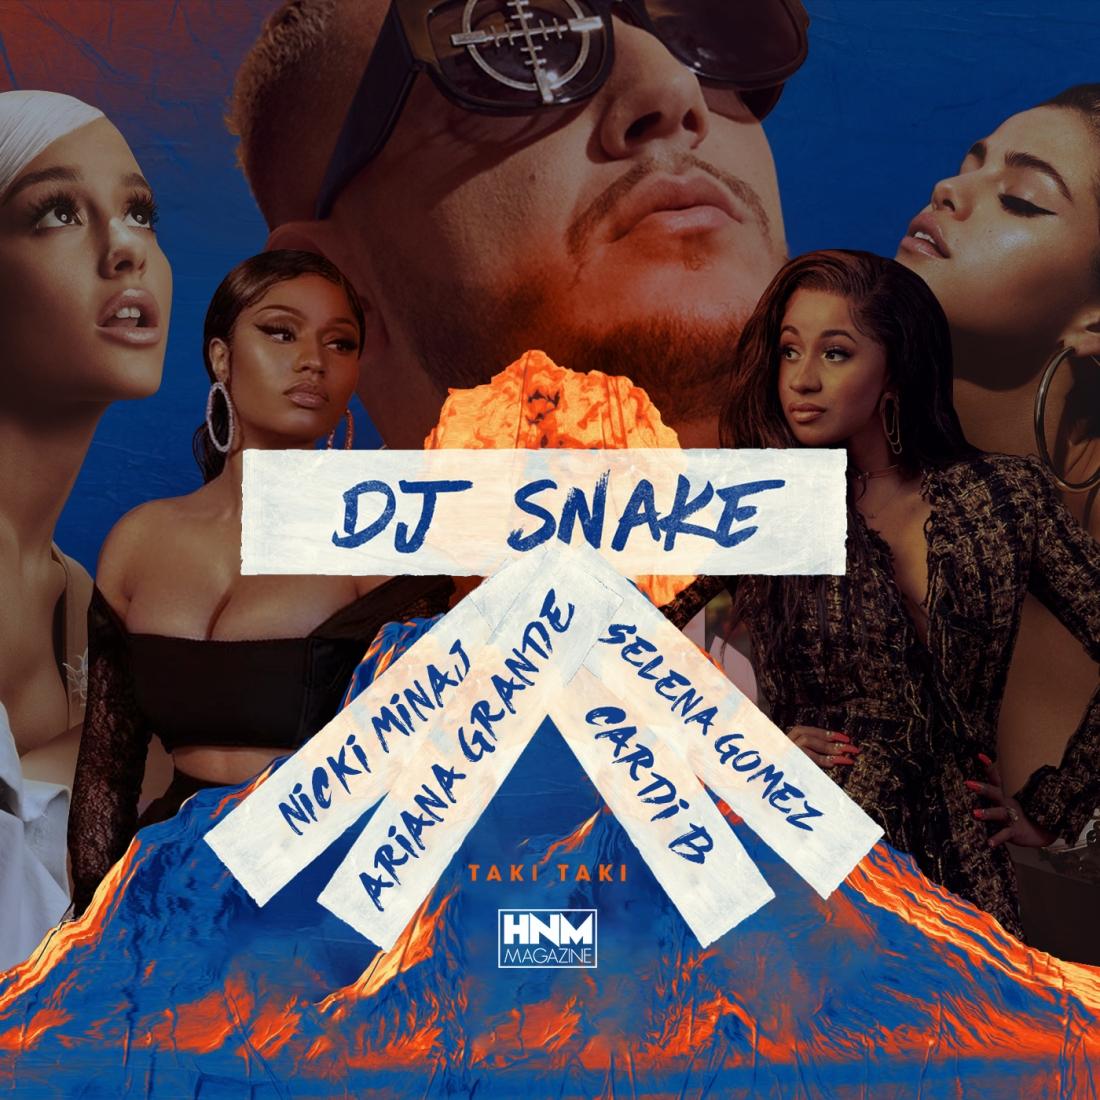 taki taki dj snake song